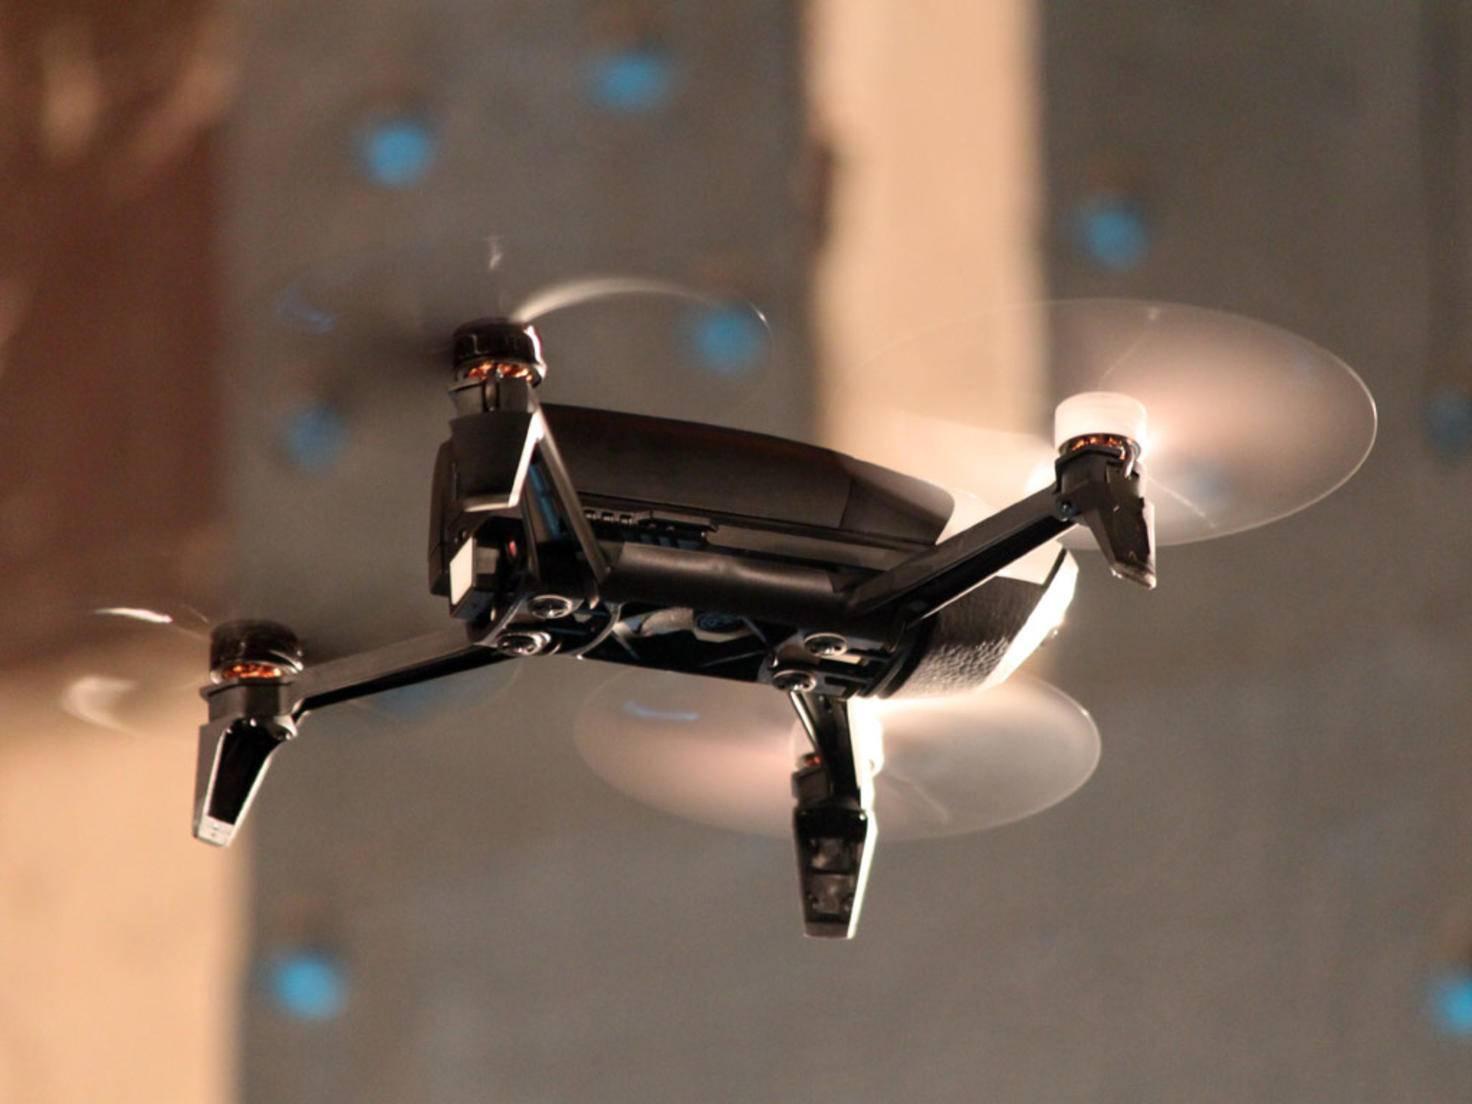 Selbst Windgeschwindigkeiten von bis zu 63 km/h sollen der Drohne nichts anhaben können.